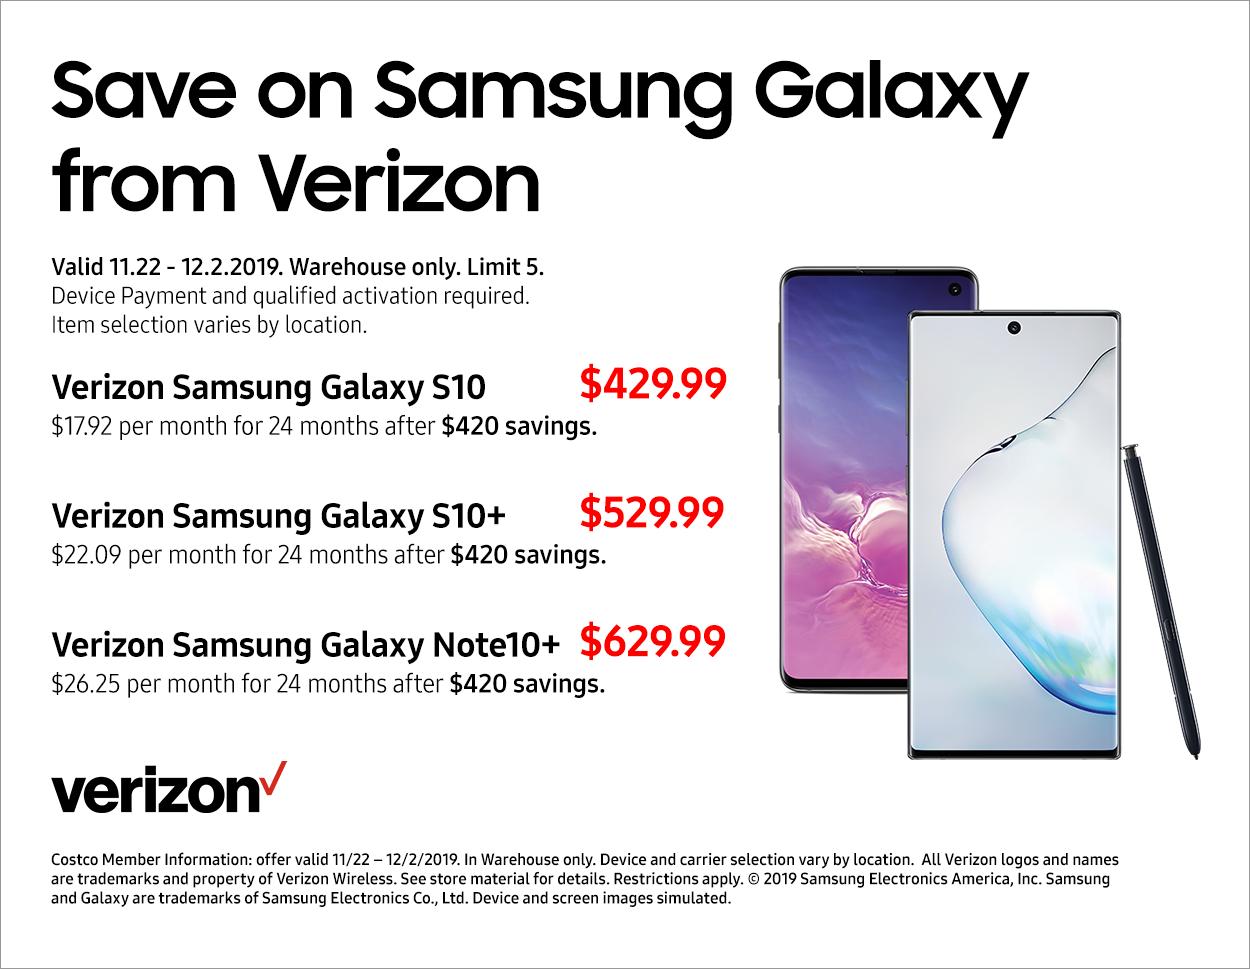 Costco Wholesale 2019 Holiday Sale: Samsung Galaxy (Verizon) $430.08